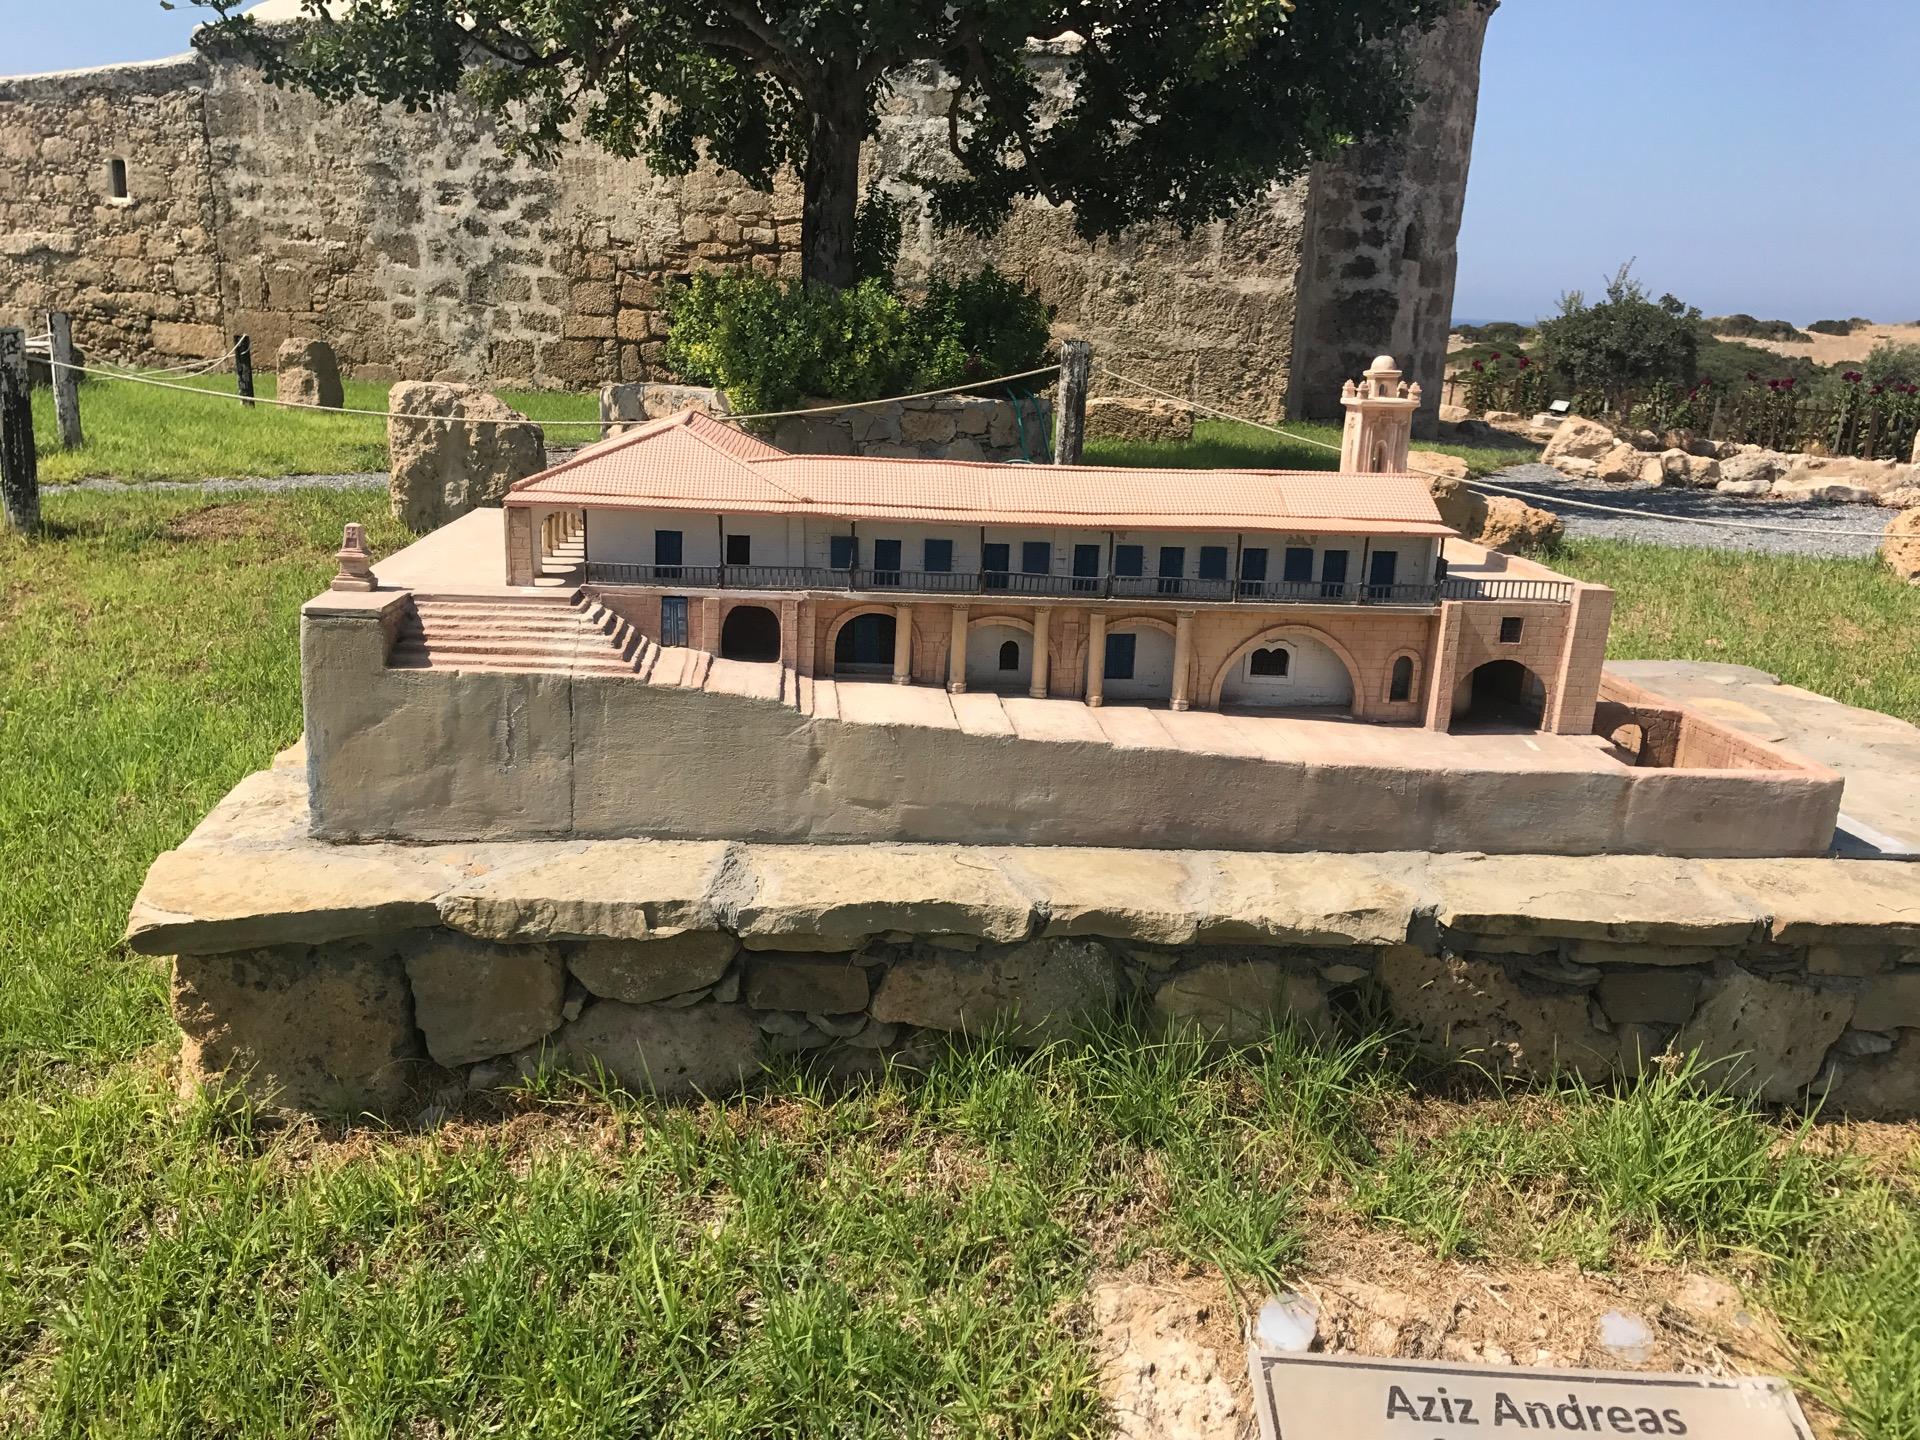 minyatür-kıbrıs-müzesi-tatlısu